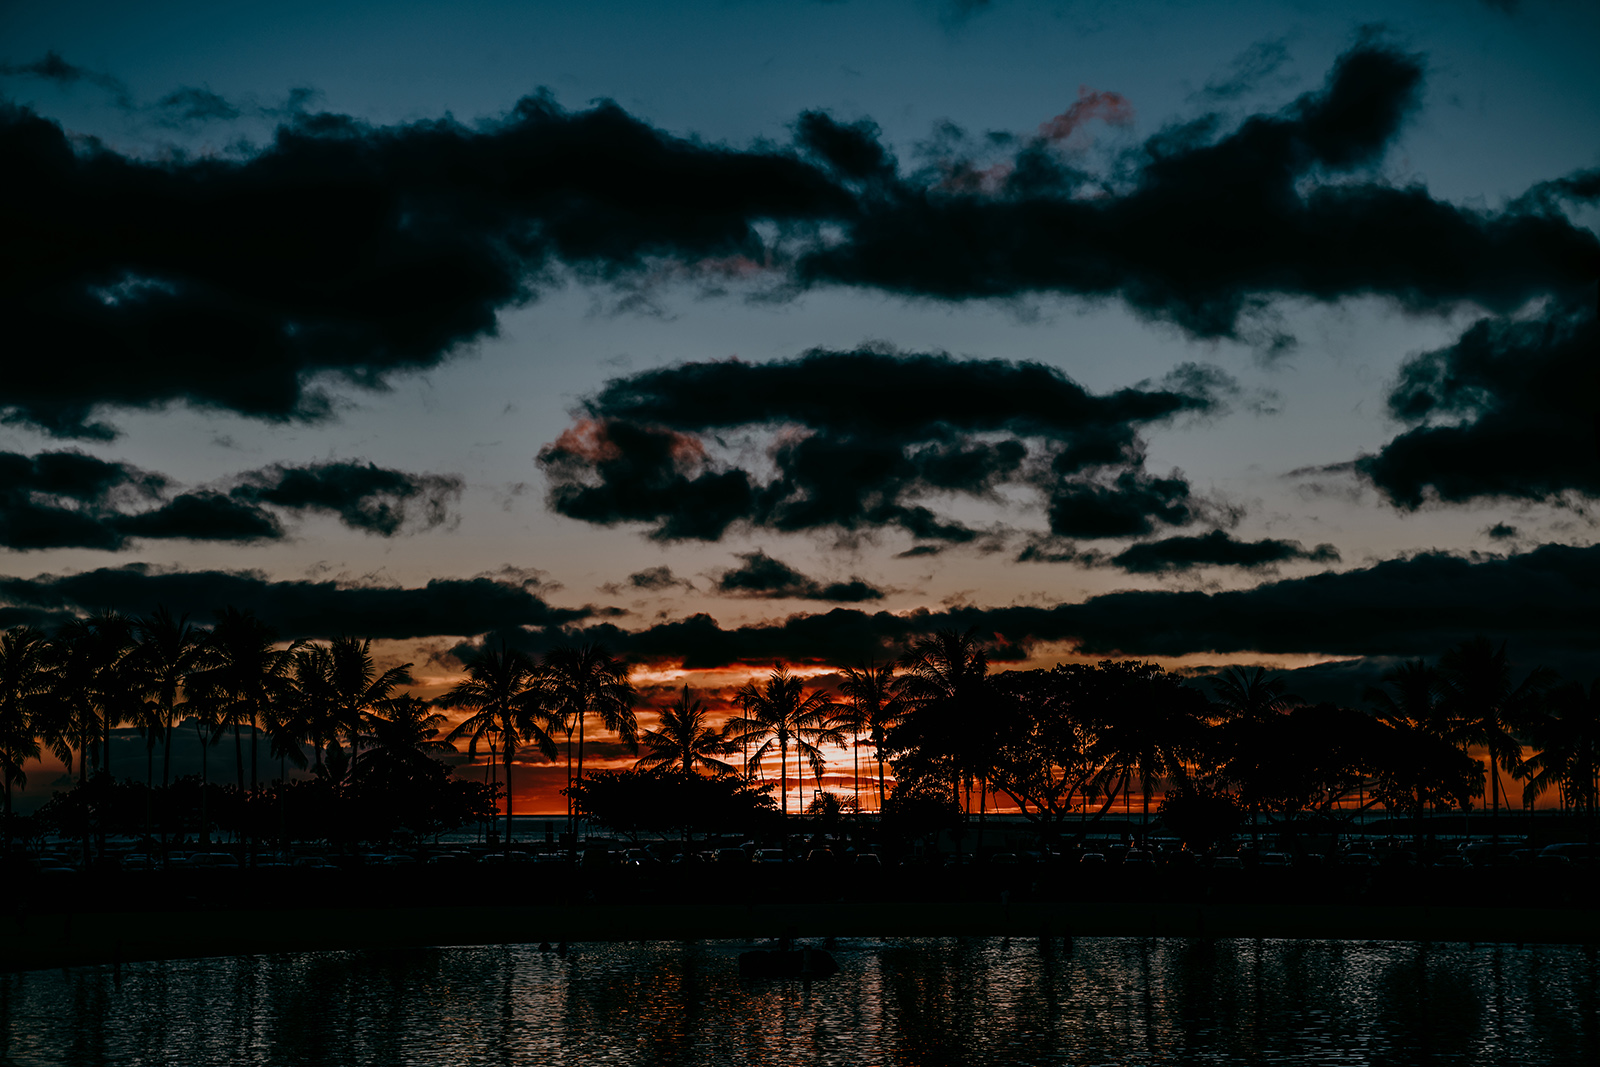 【日本製】アートパネル/ボード artmart アートマート 写真 アルミフレーム おしゃれ 綺麗 コーディネート 壁紙 額縁 ウォールステッカー フォト 小物 部屋 オフィス ホテル 旅館 病院 ホールのイメージアップ モノトーン 花 海 モノクロ 風景_サンセット_I85_8463